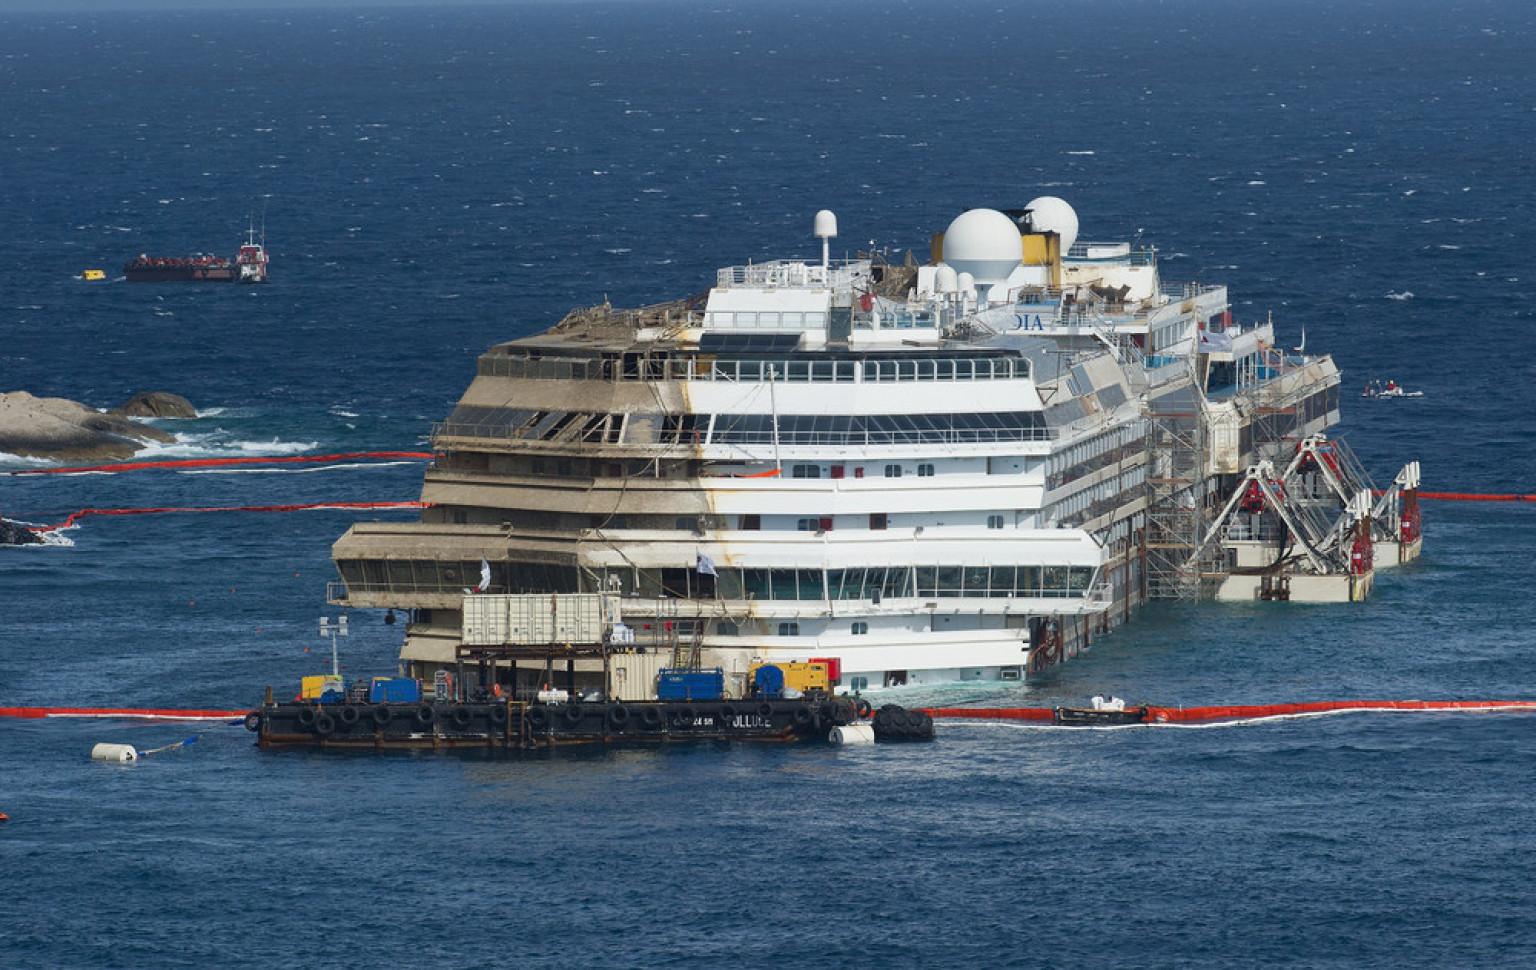 Se retrasa el desmantelamiento del Costa Concordia